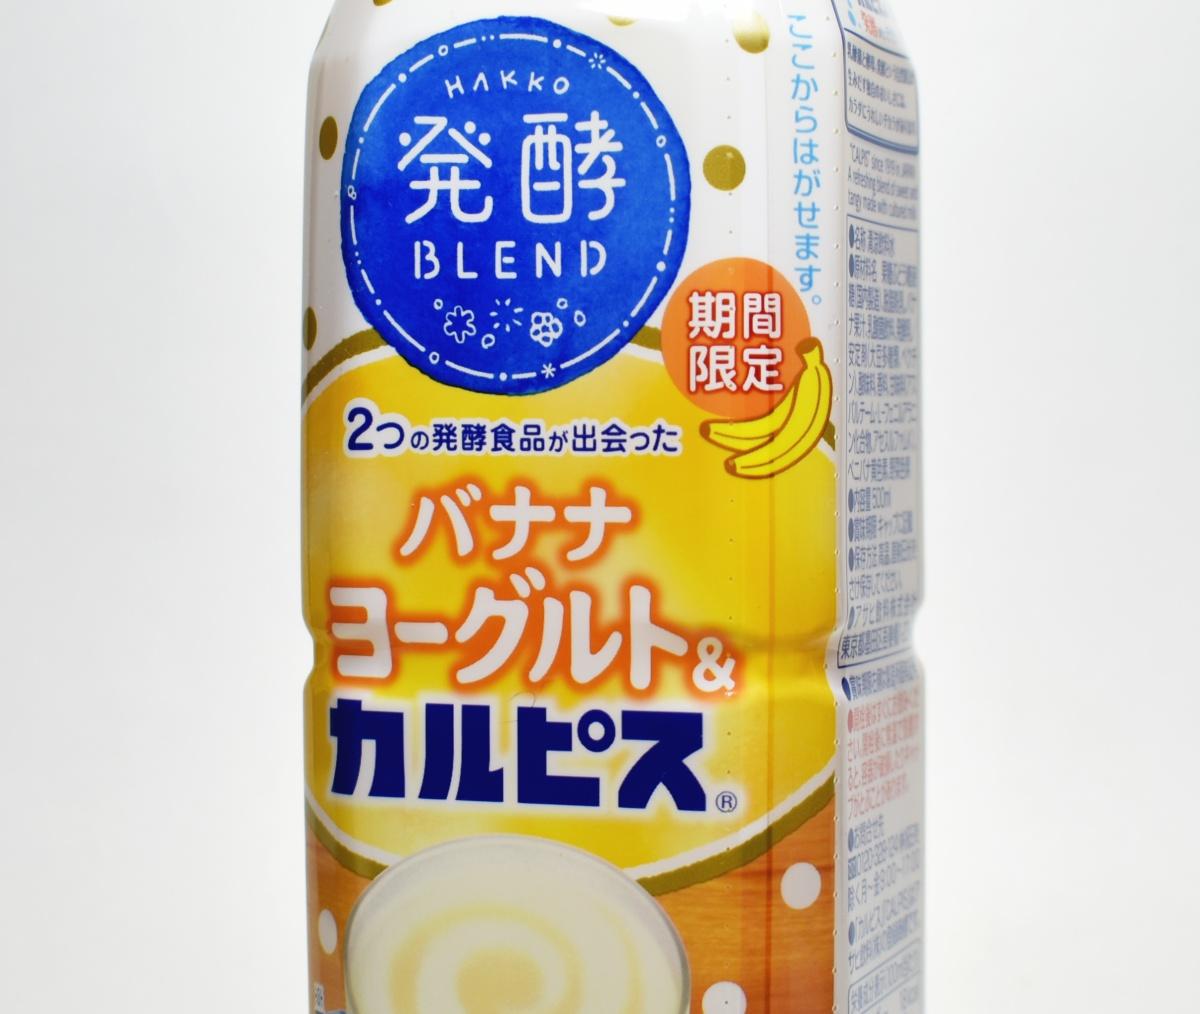 発酵BLENDバナナヨーグルト&カルピス